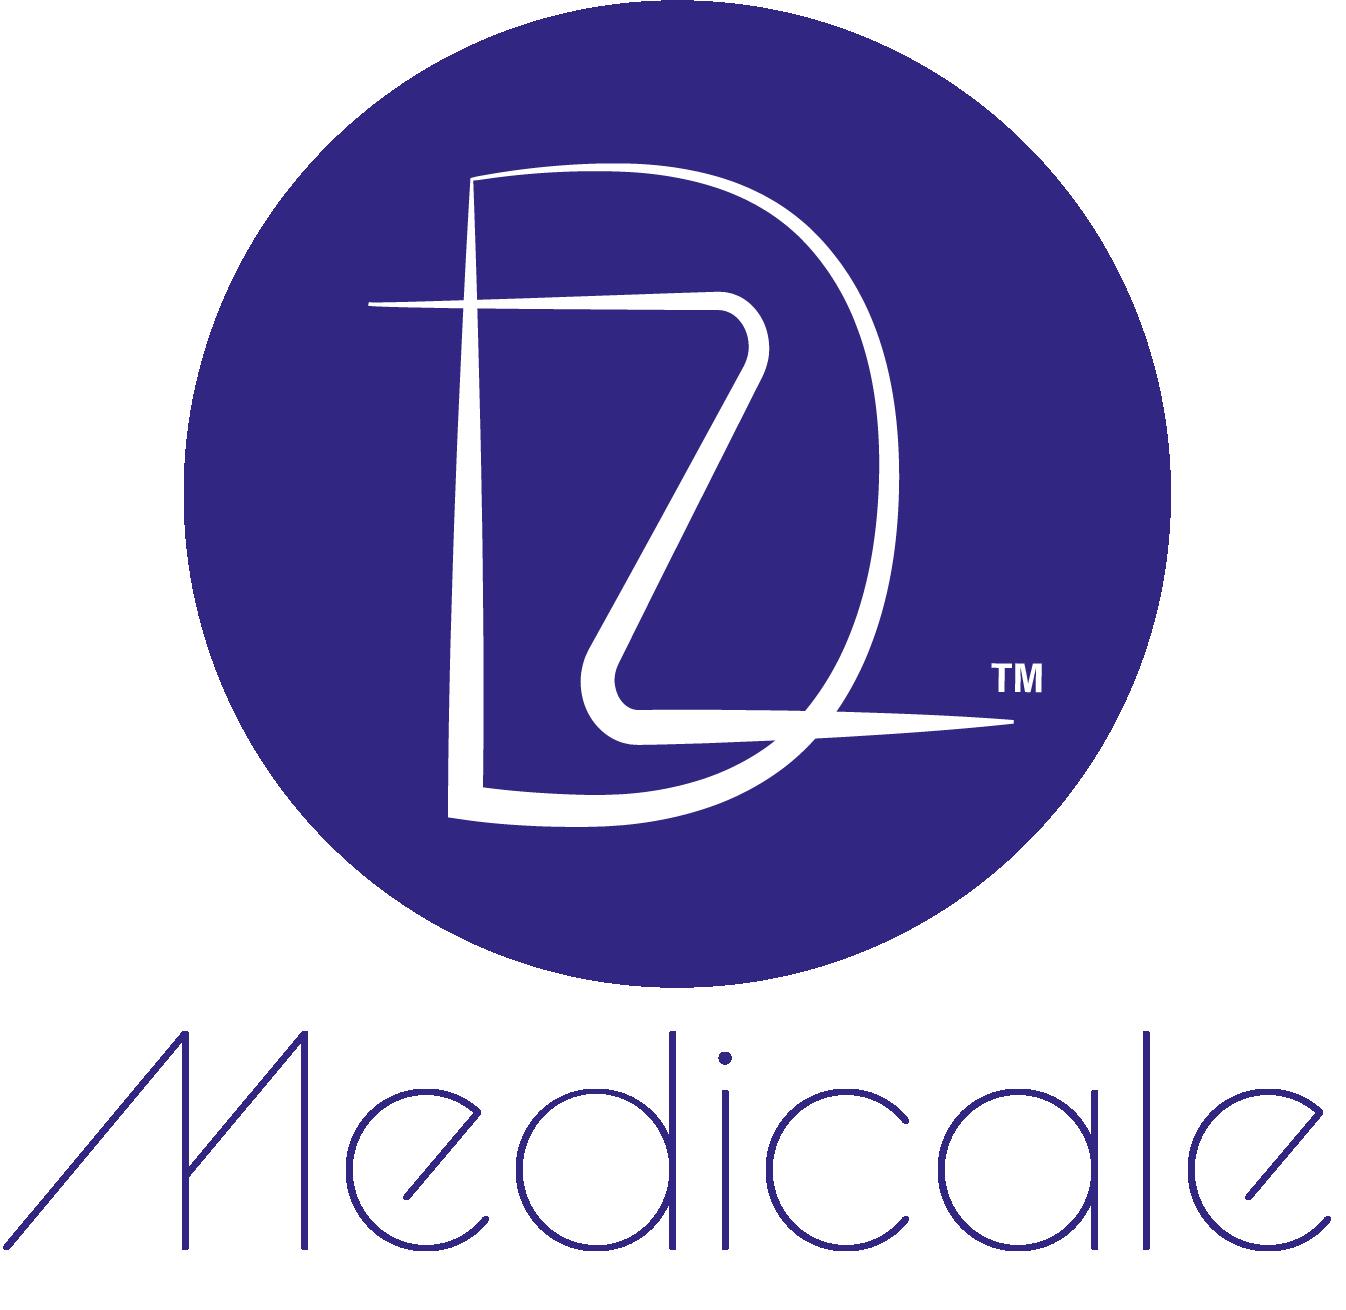 logo design DZ Medicale das mechanische auge düsseldorf